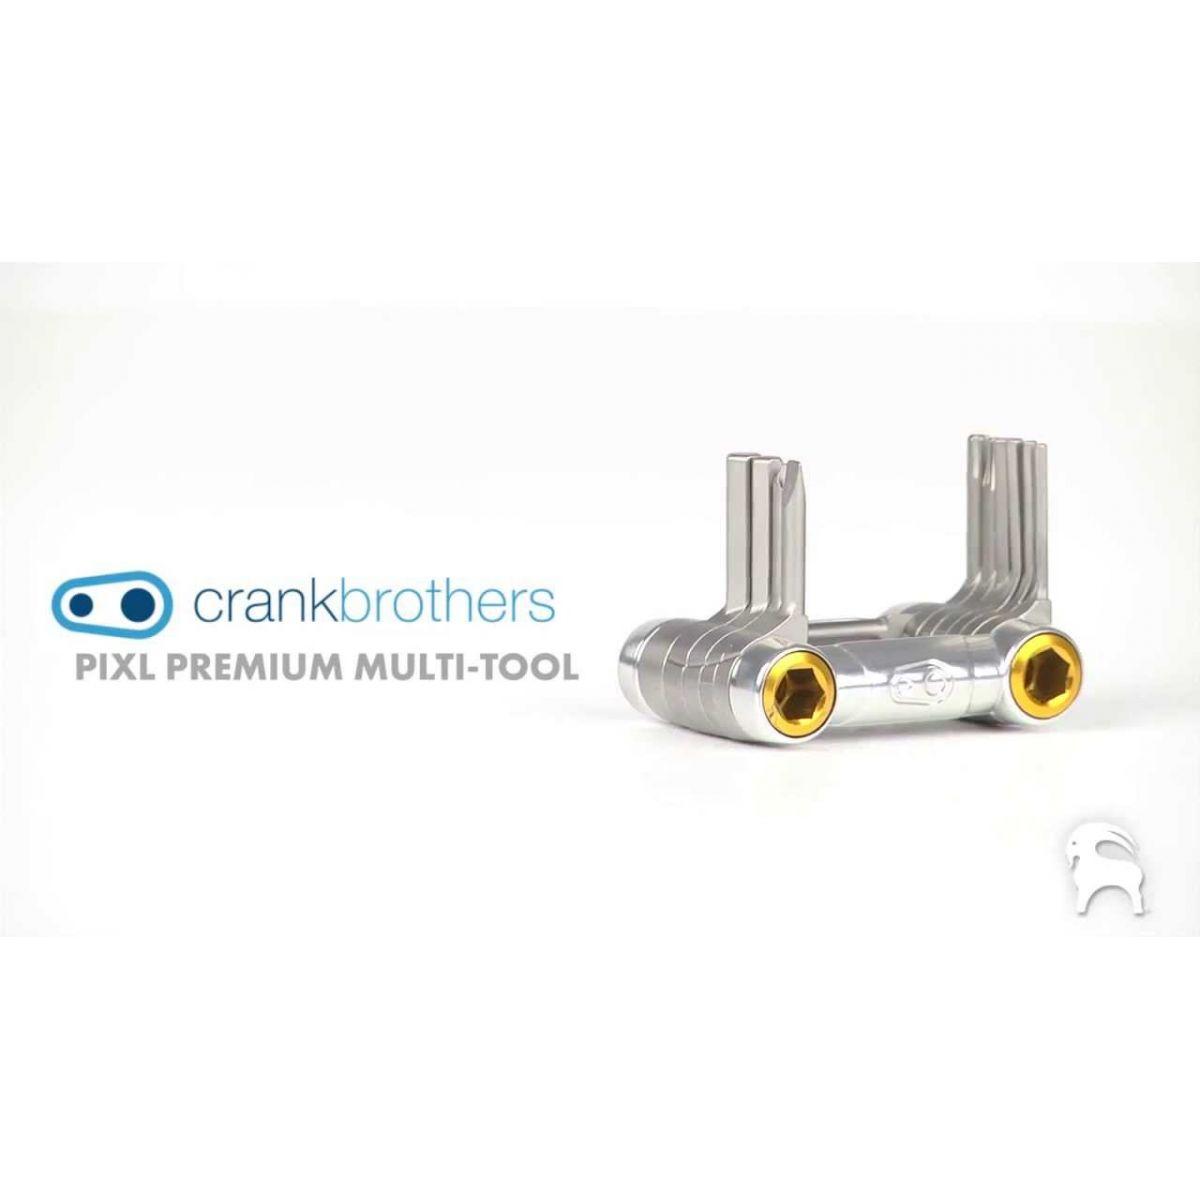 Canivete de Ferramentas Crank Brothers Premiun pixl 11 Fun��es